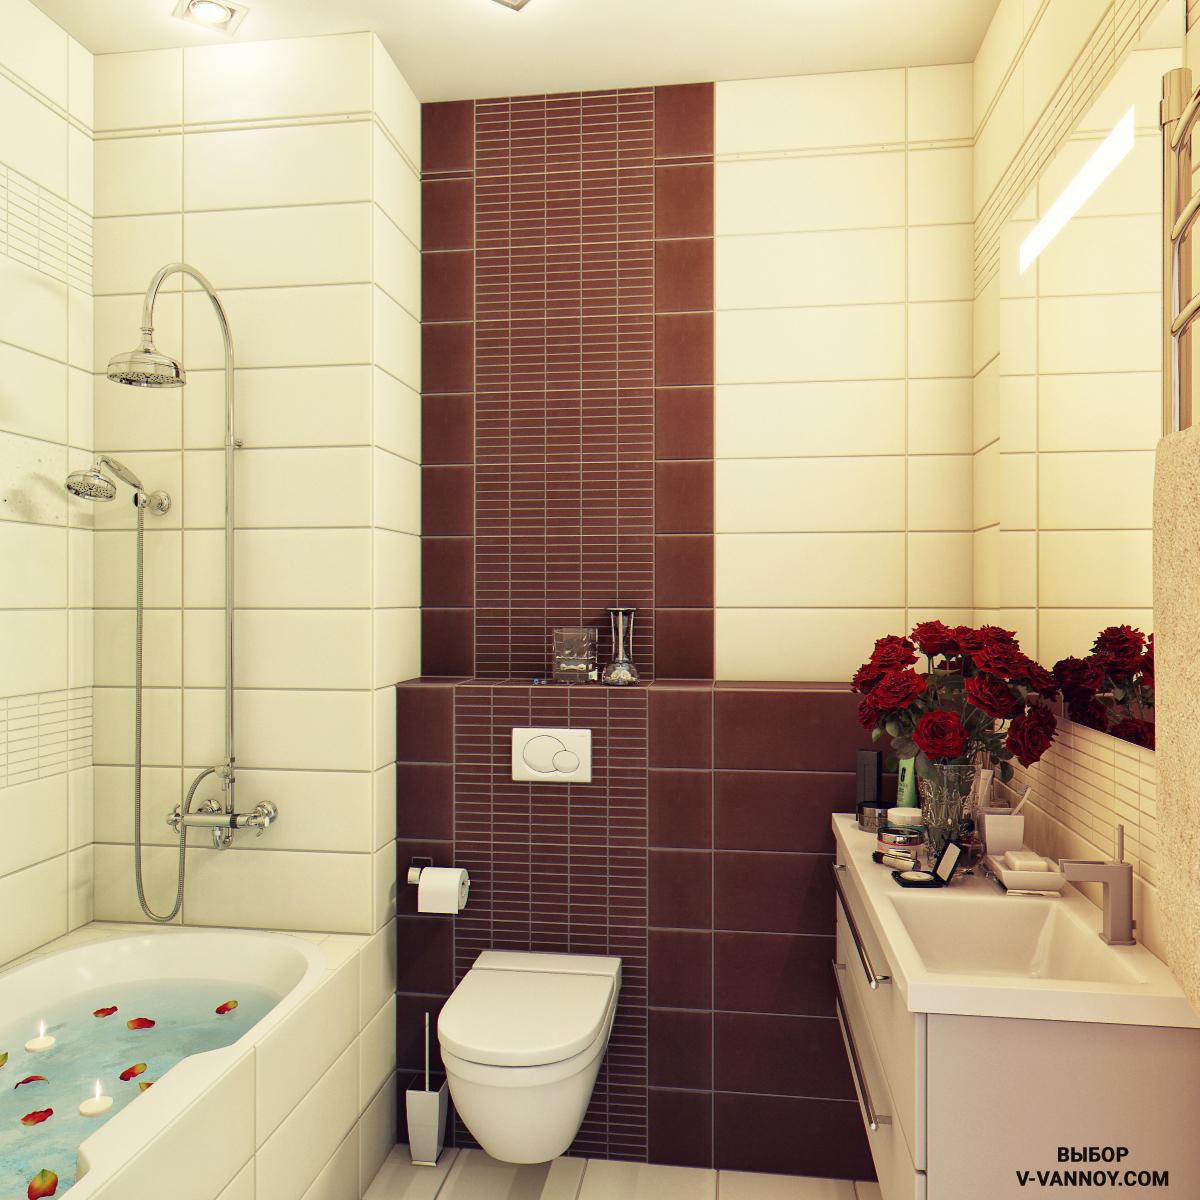 Дизайн проект небольшой однакомнатной квартиры 40 кв.м. клуб.